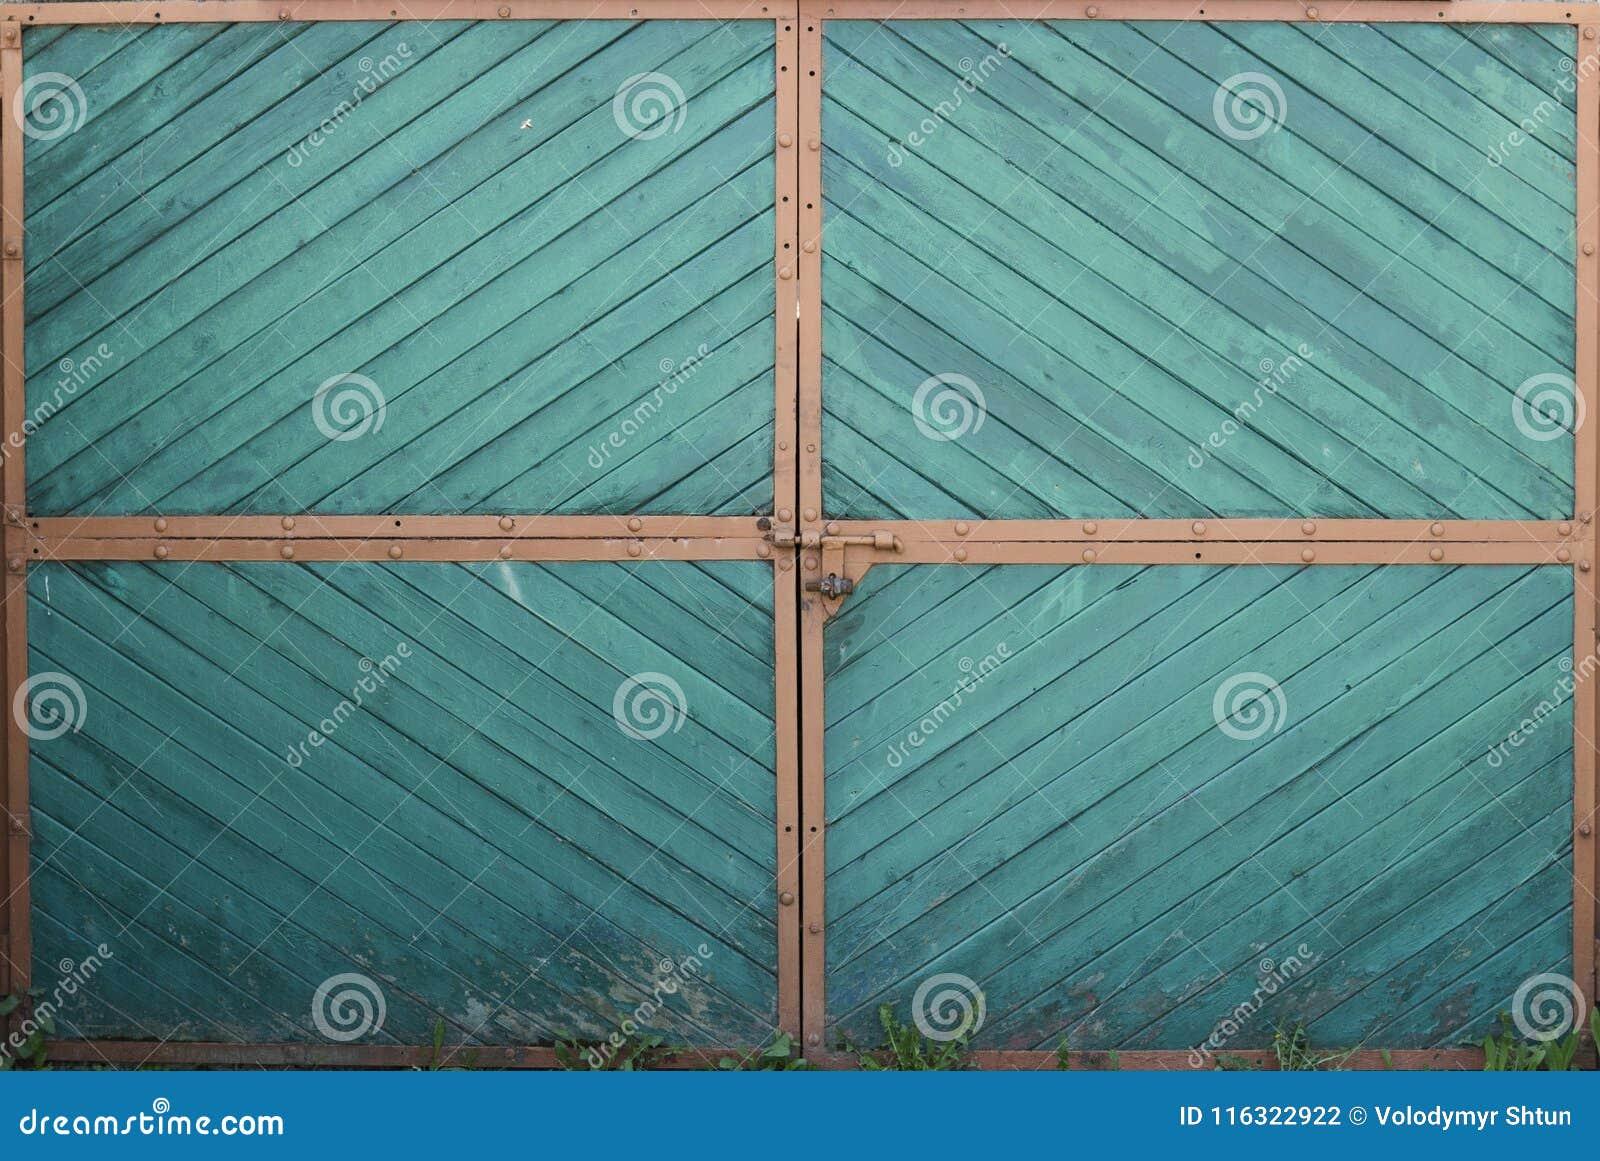 Trägrön portdörr med apelsinhörn och gräs på en jordning